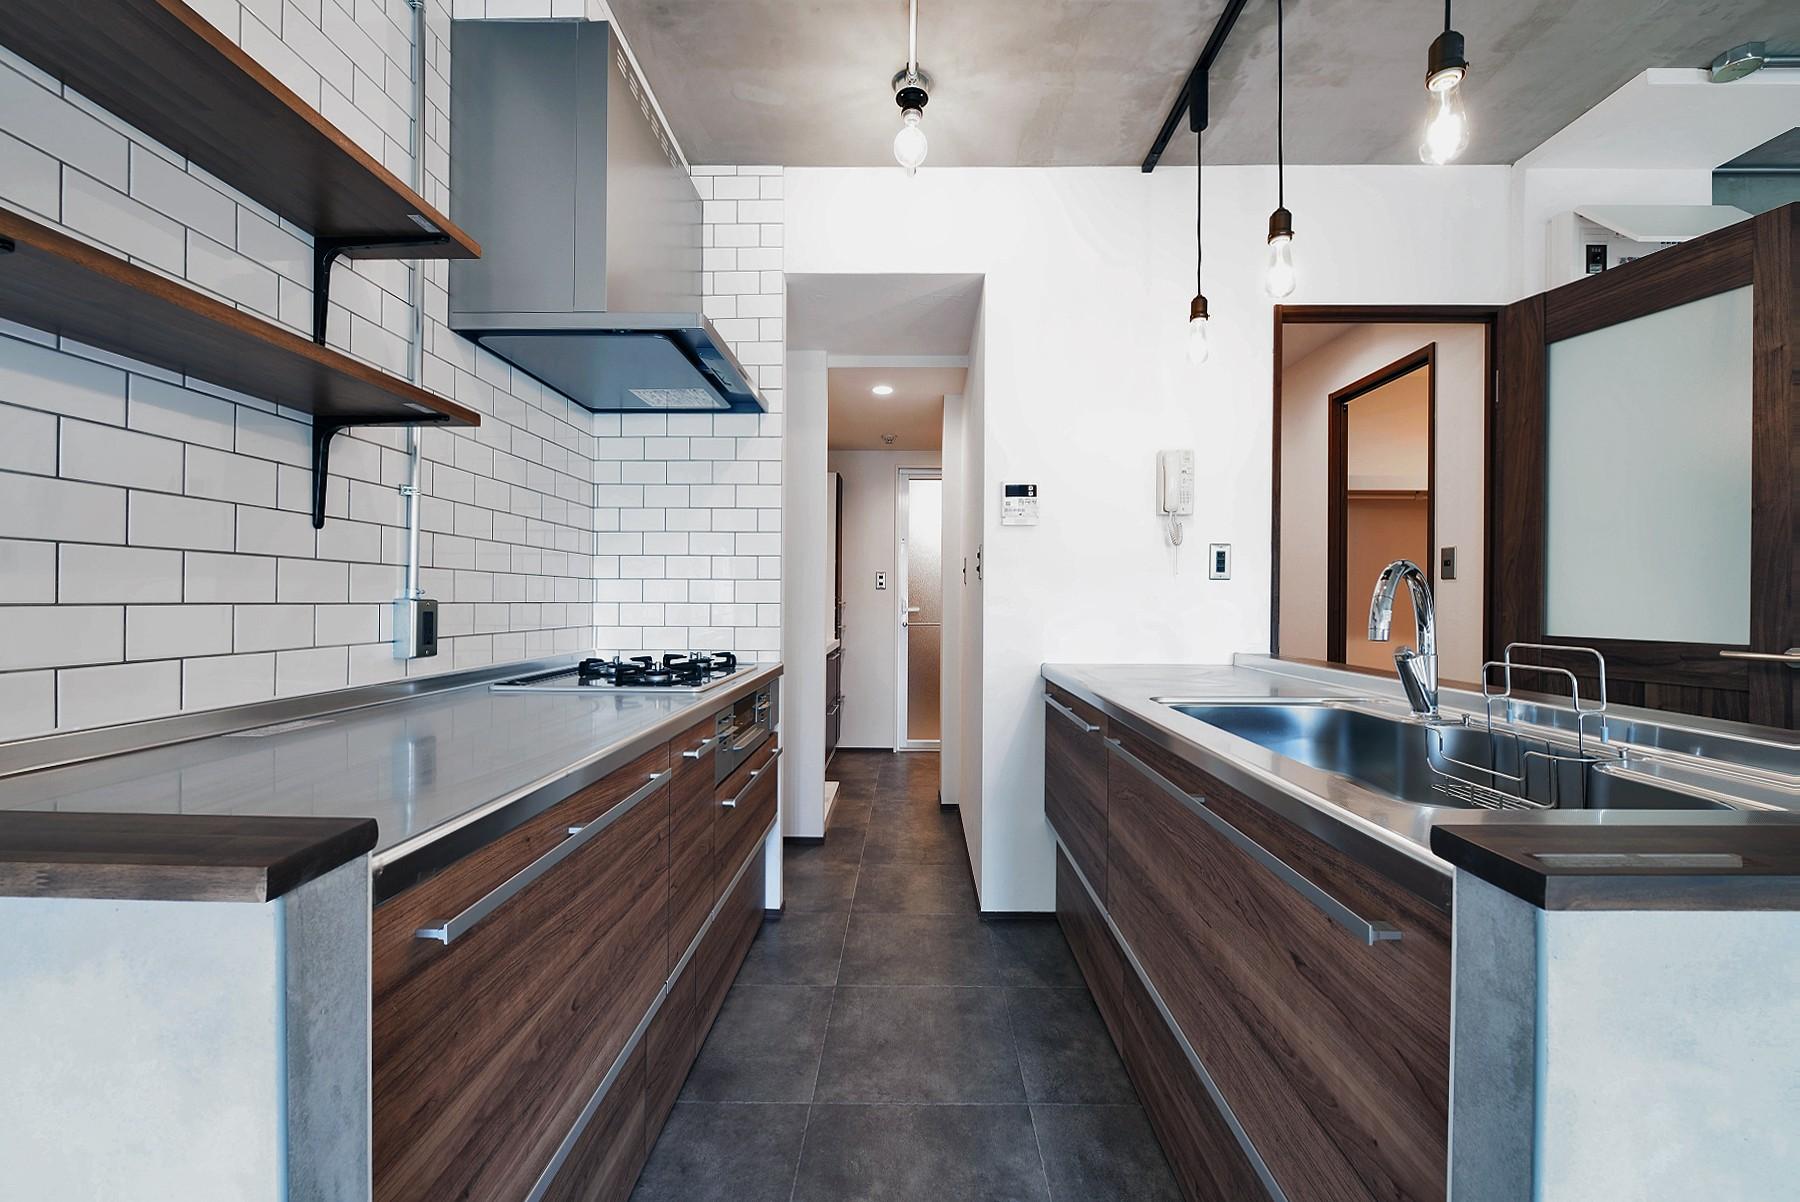 キッチン事例:サニタリーとつながるキッチン(壁・天井もキッチンカウンターもモルタル仕上げの無骨でラフなマンションリノベーション)